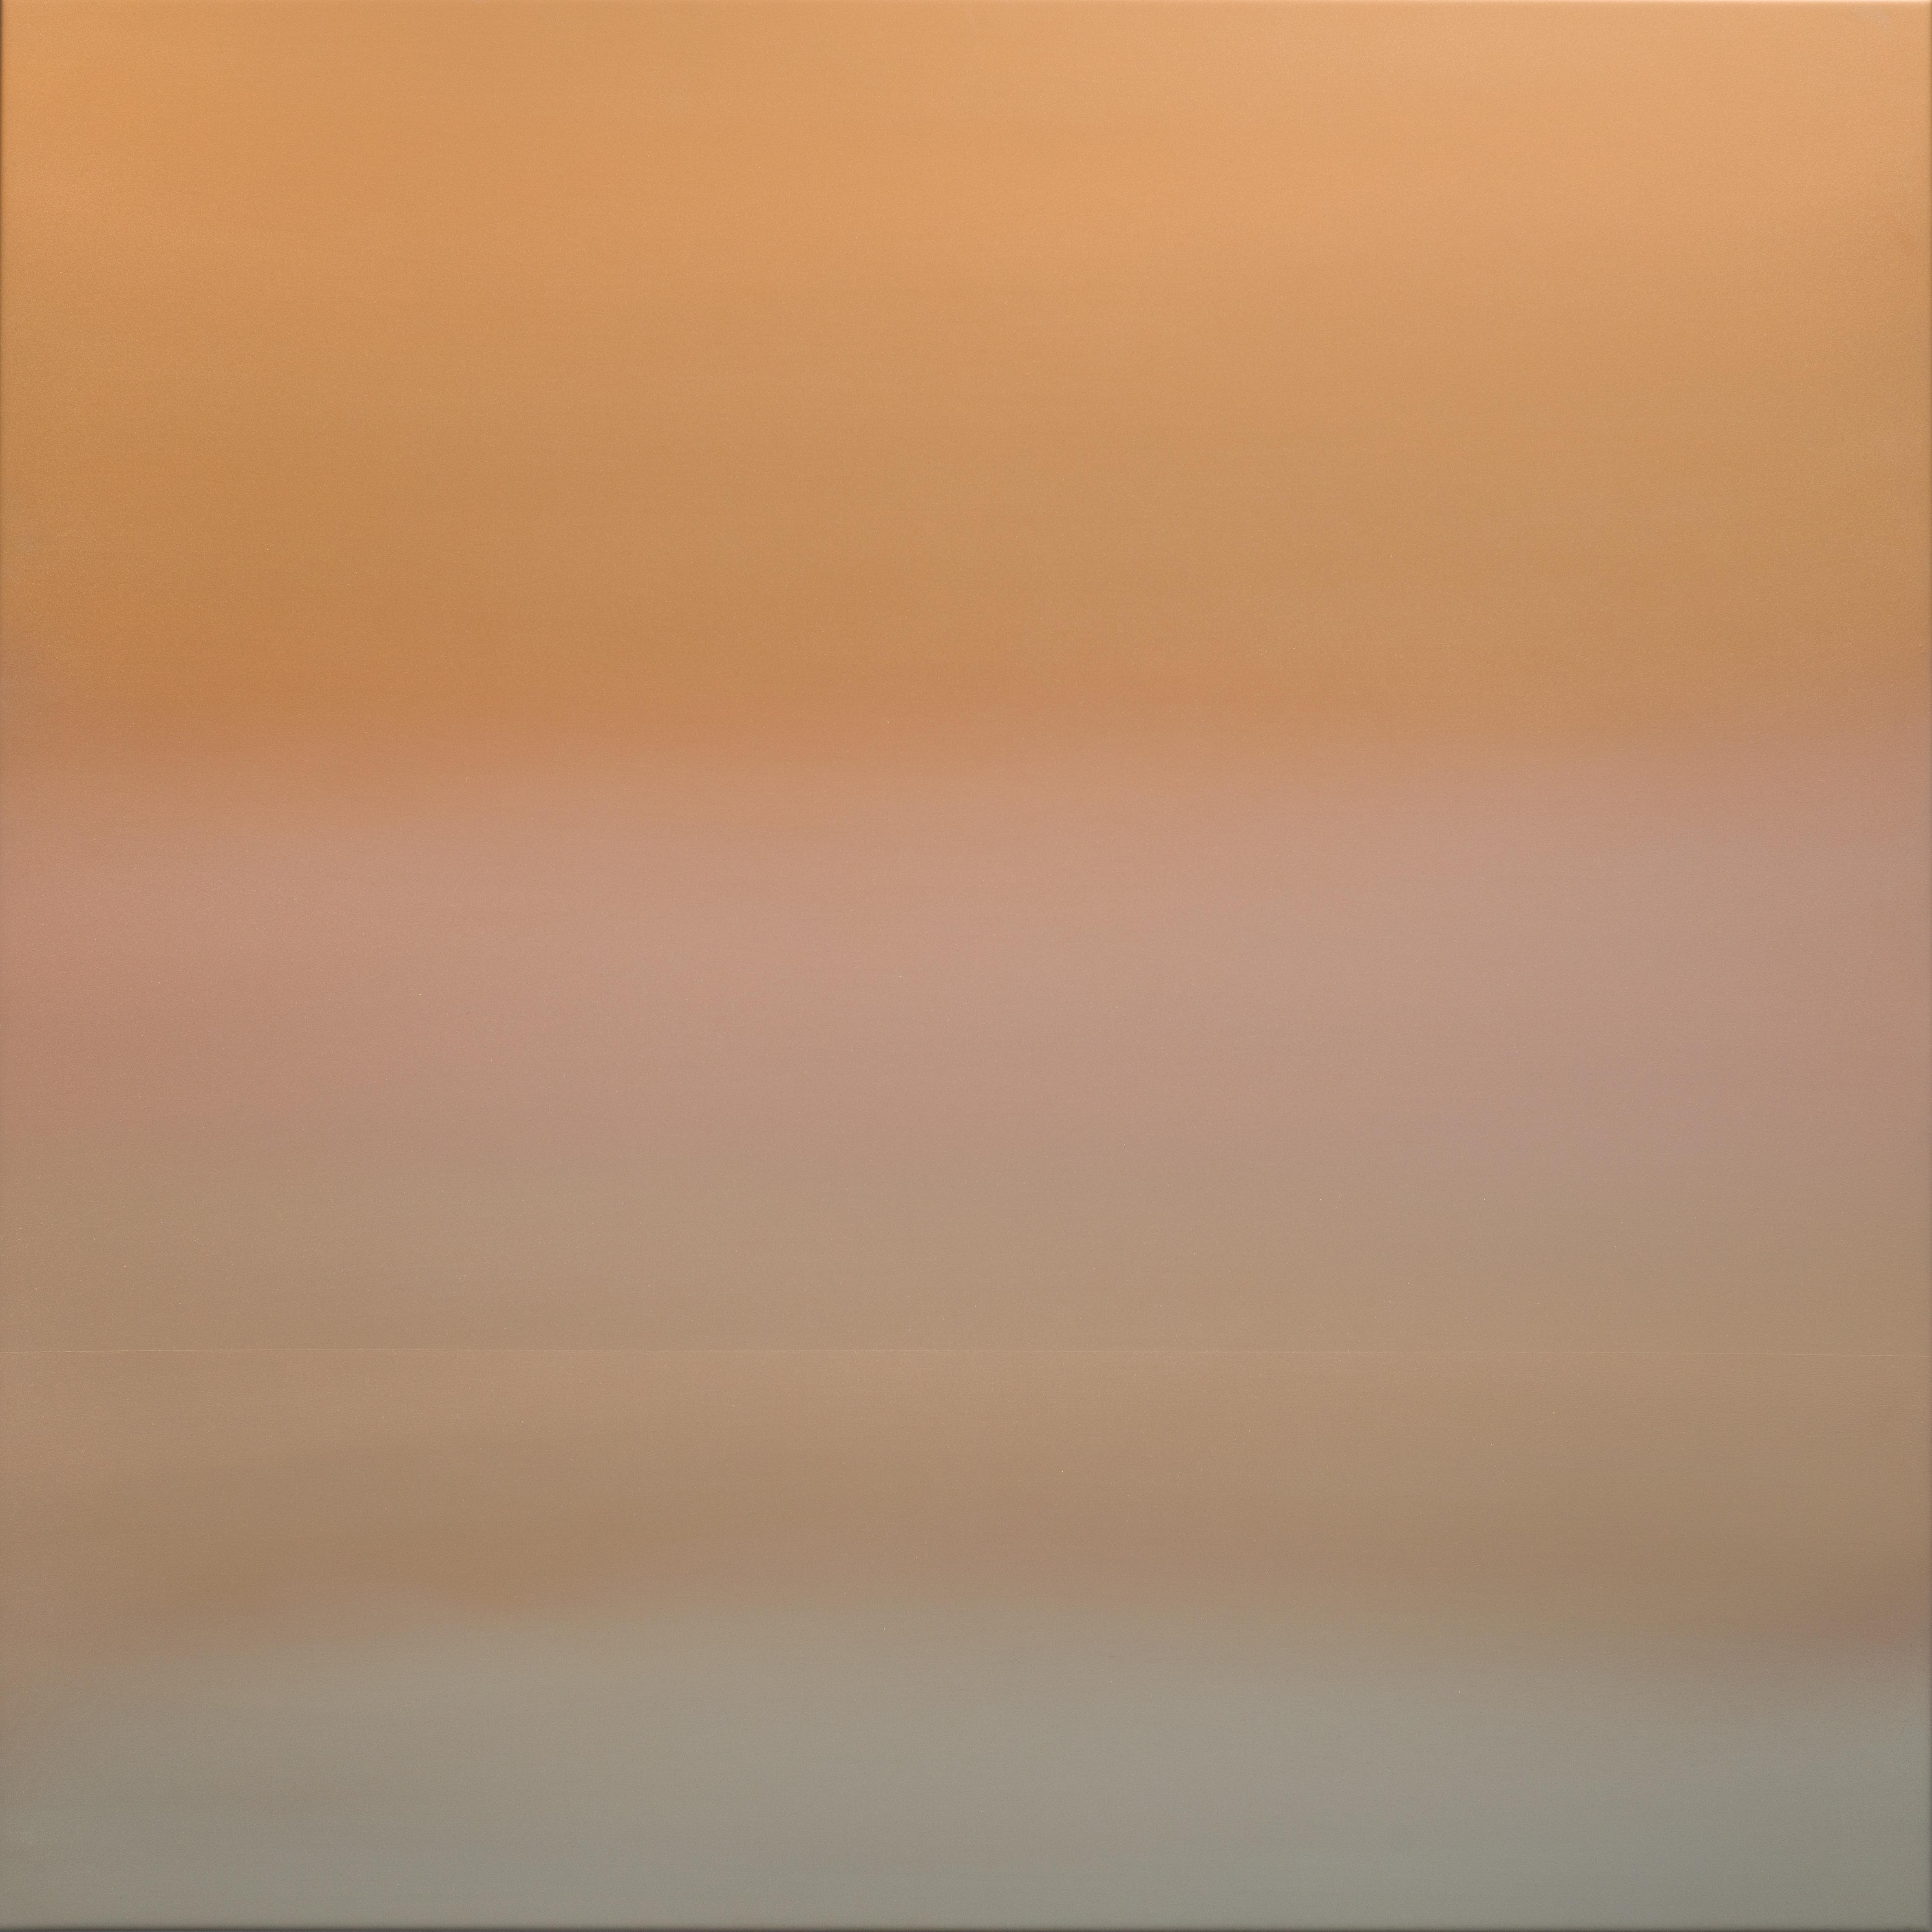 Faint Orange Brown Pink 2.20.4.4.1.M.1.2.3.G.14